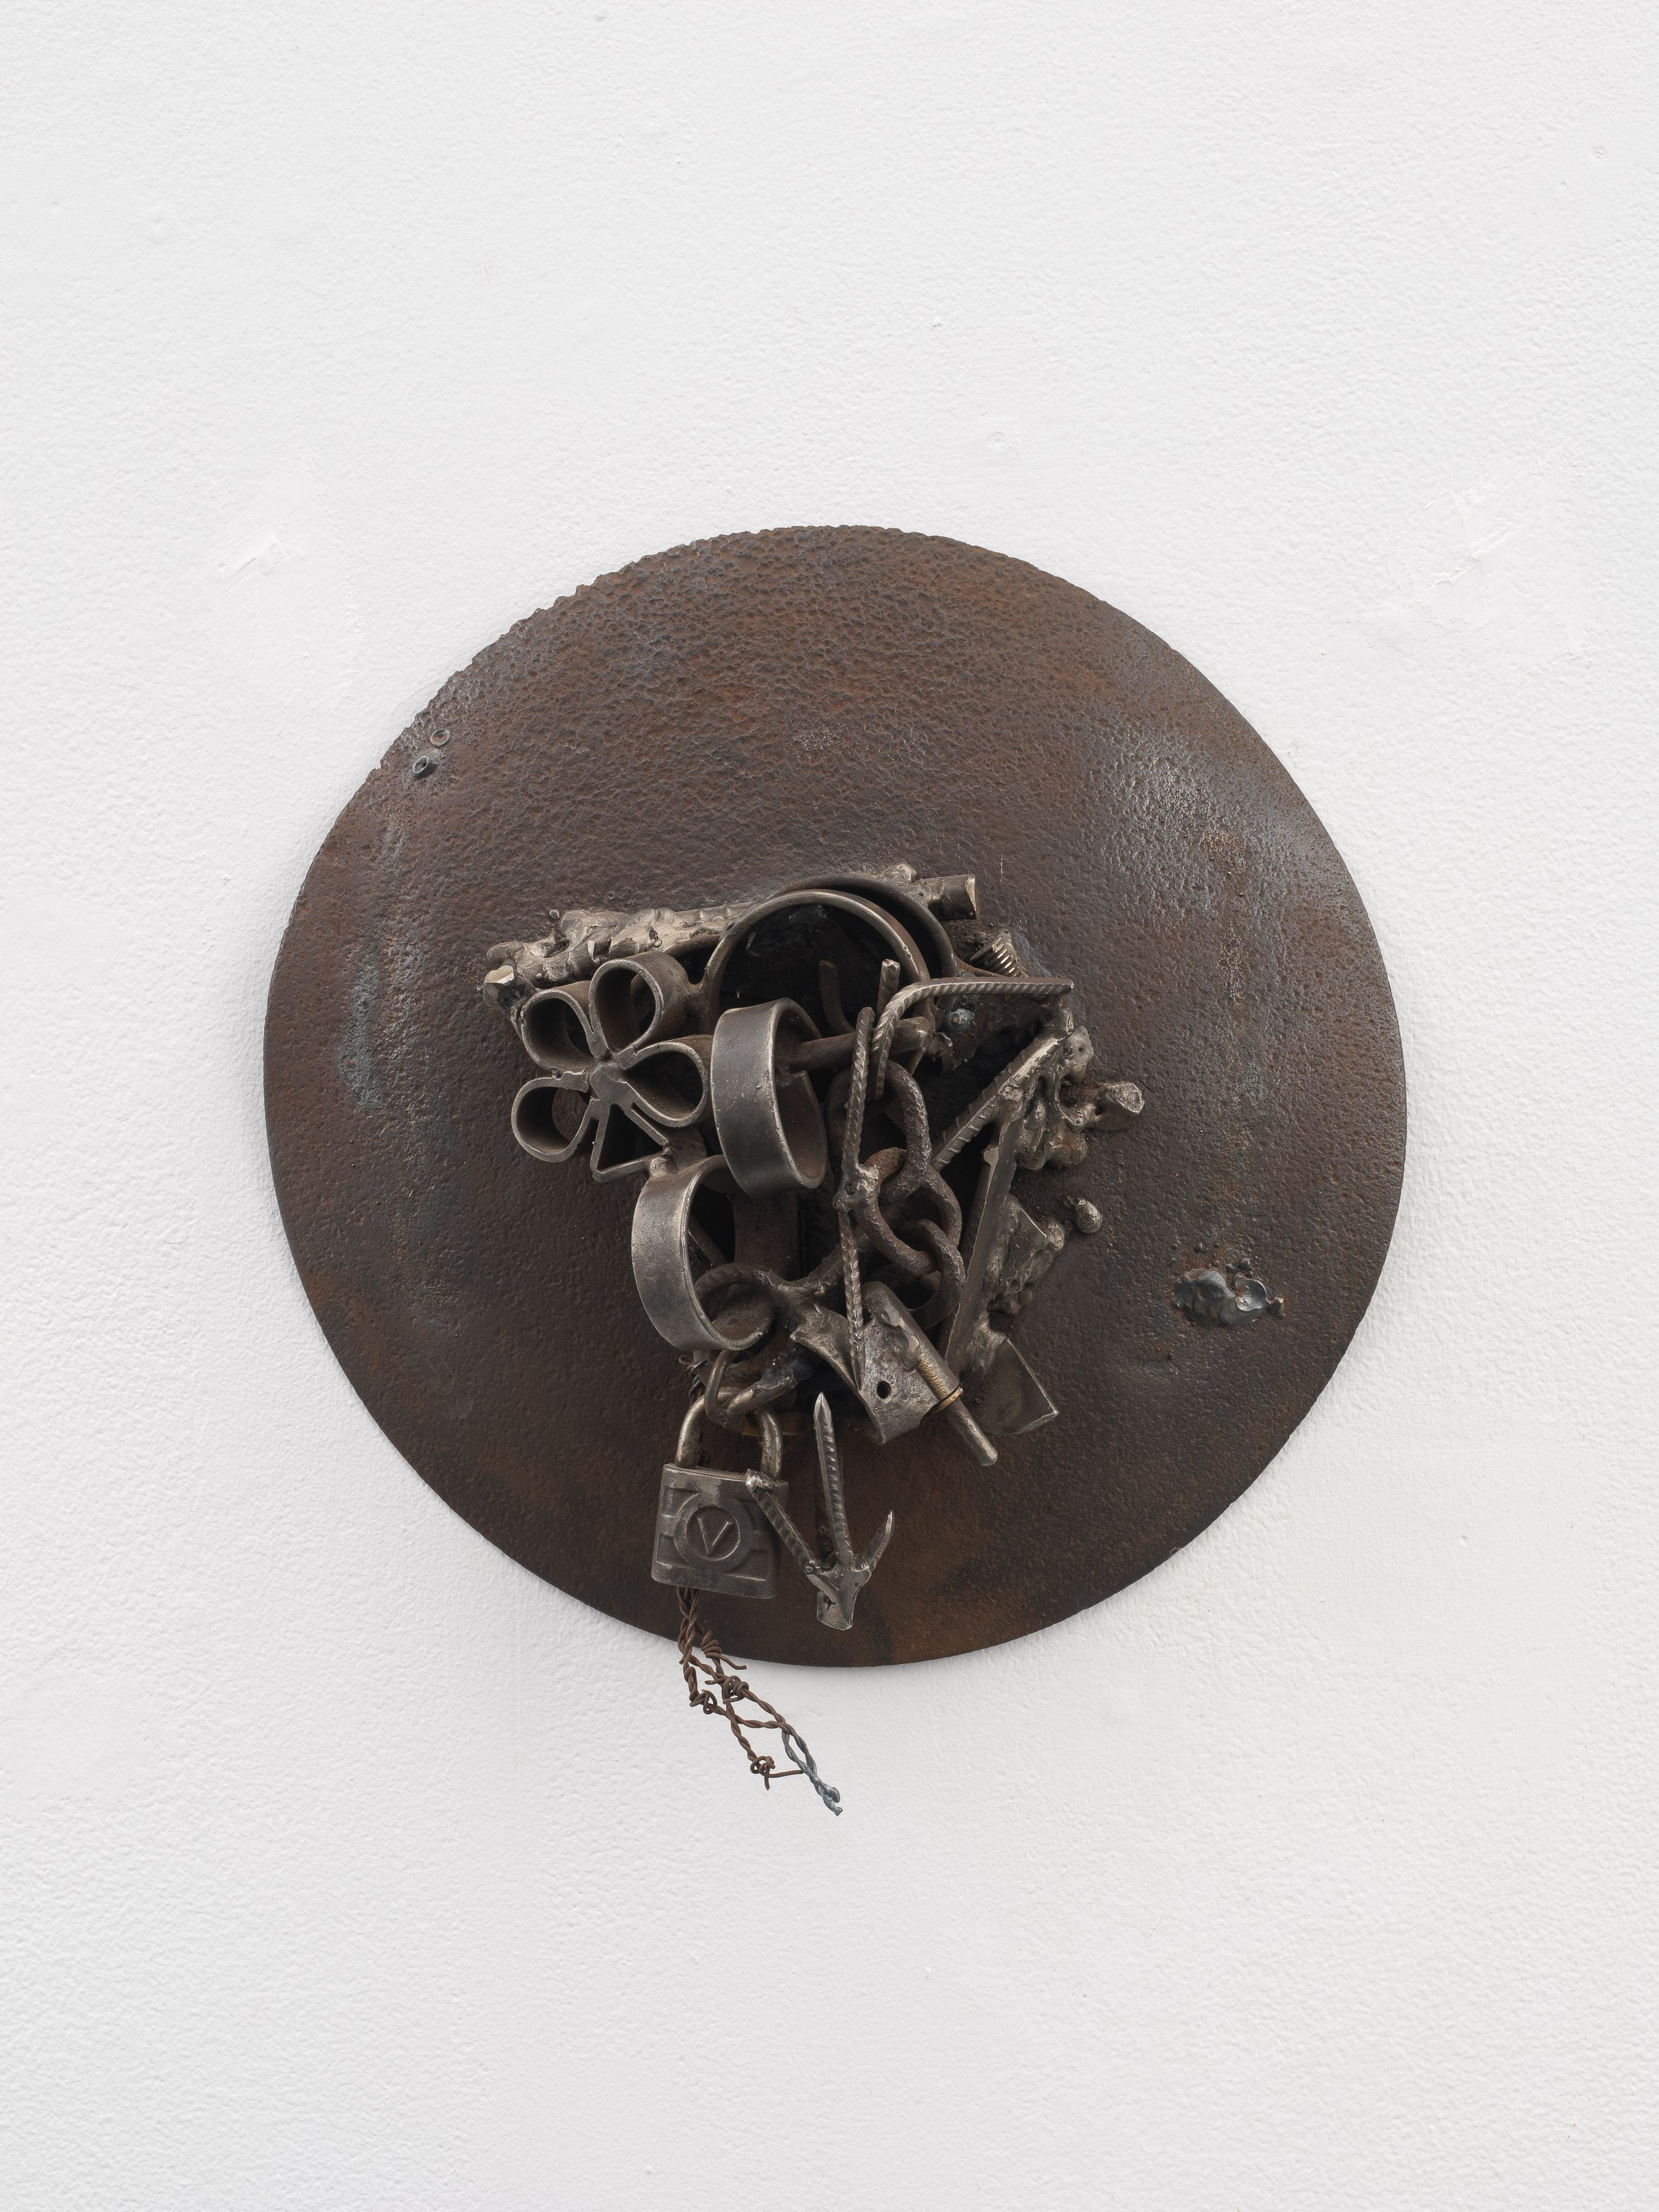 Rouie Rufisque, 2005-2012, Welded steel